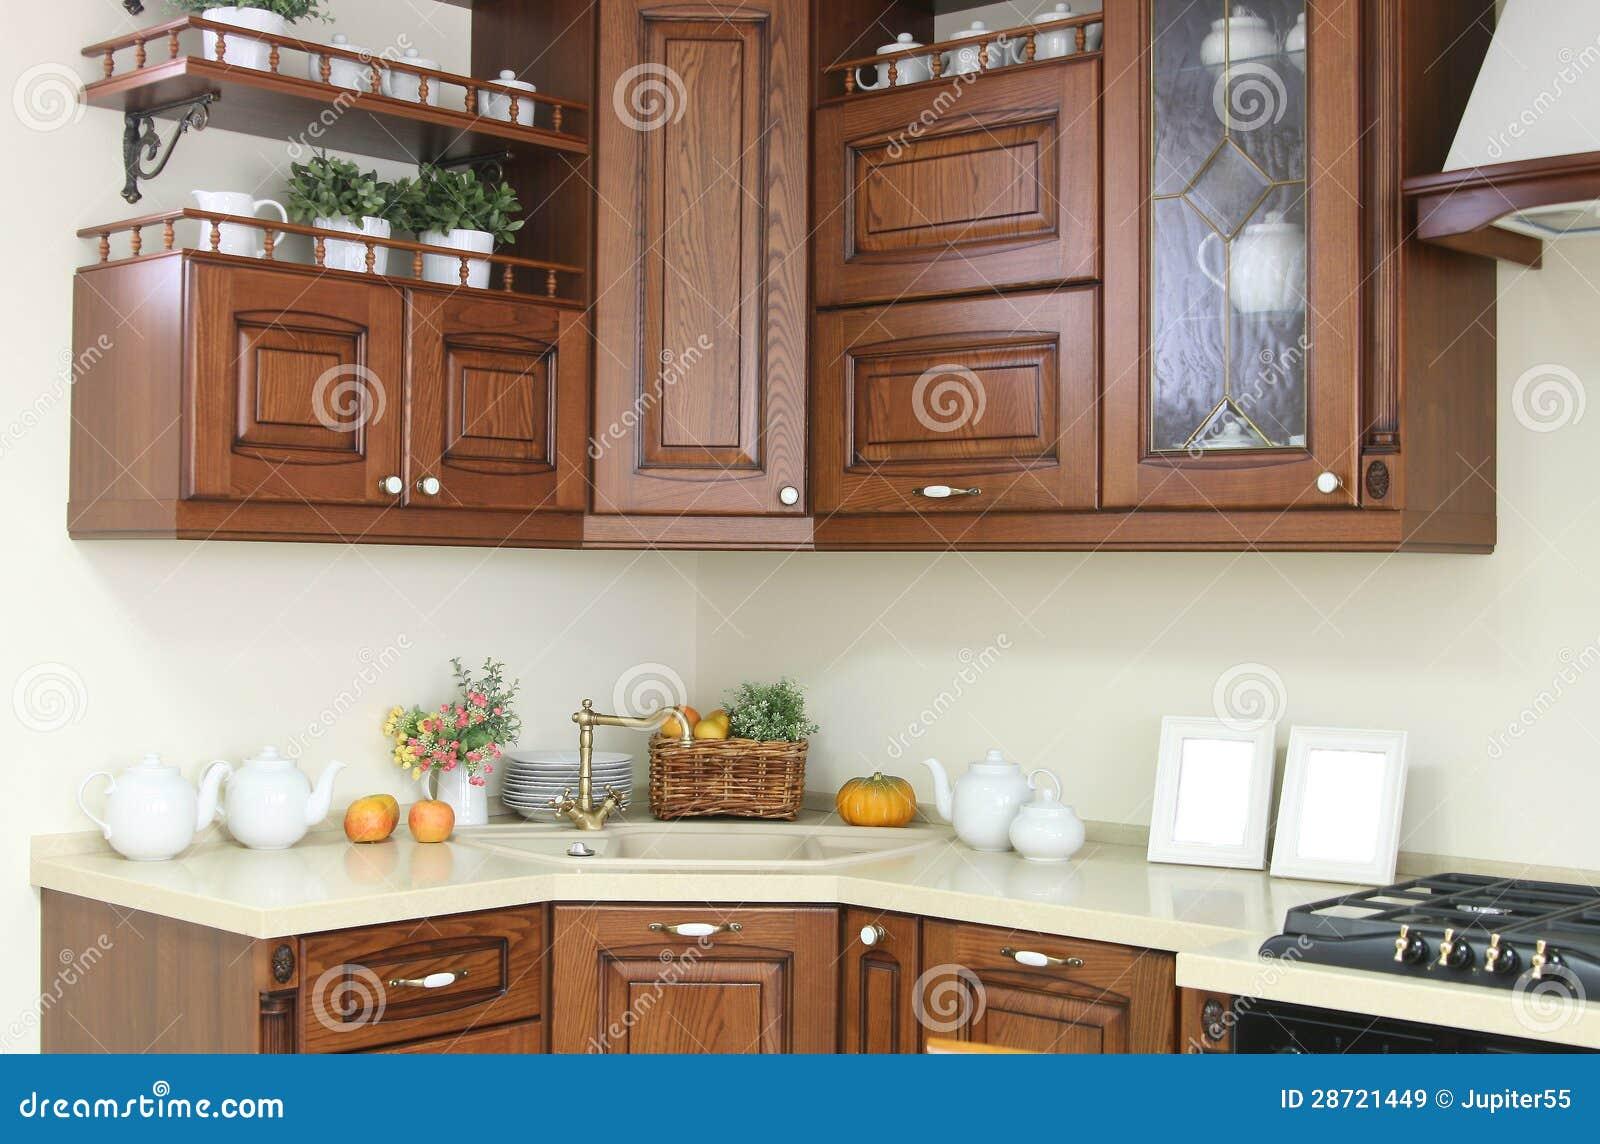 Interior da cozinha na cor marrom. #82A328 1300 946